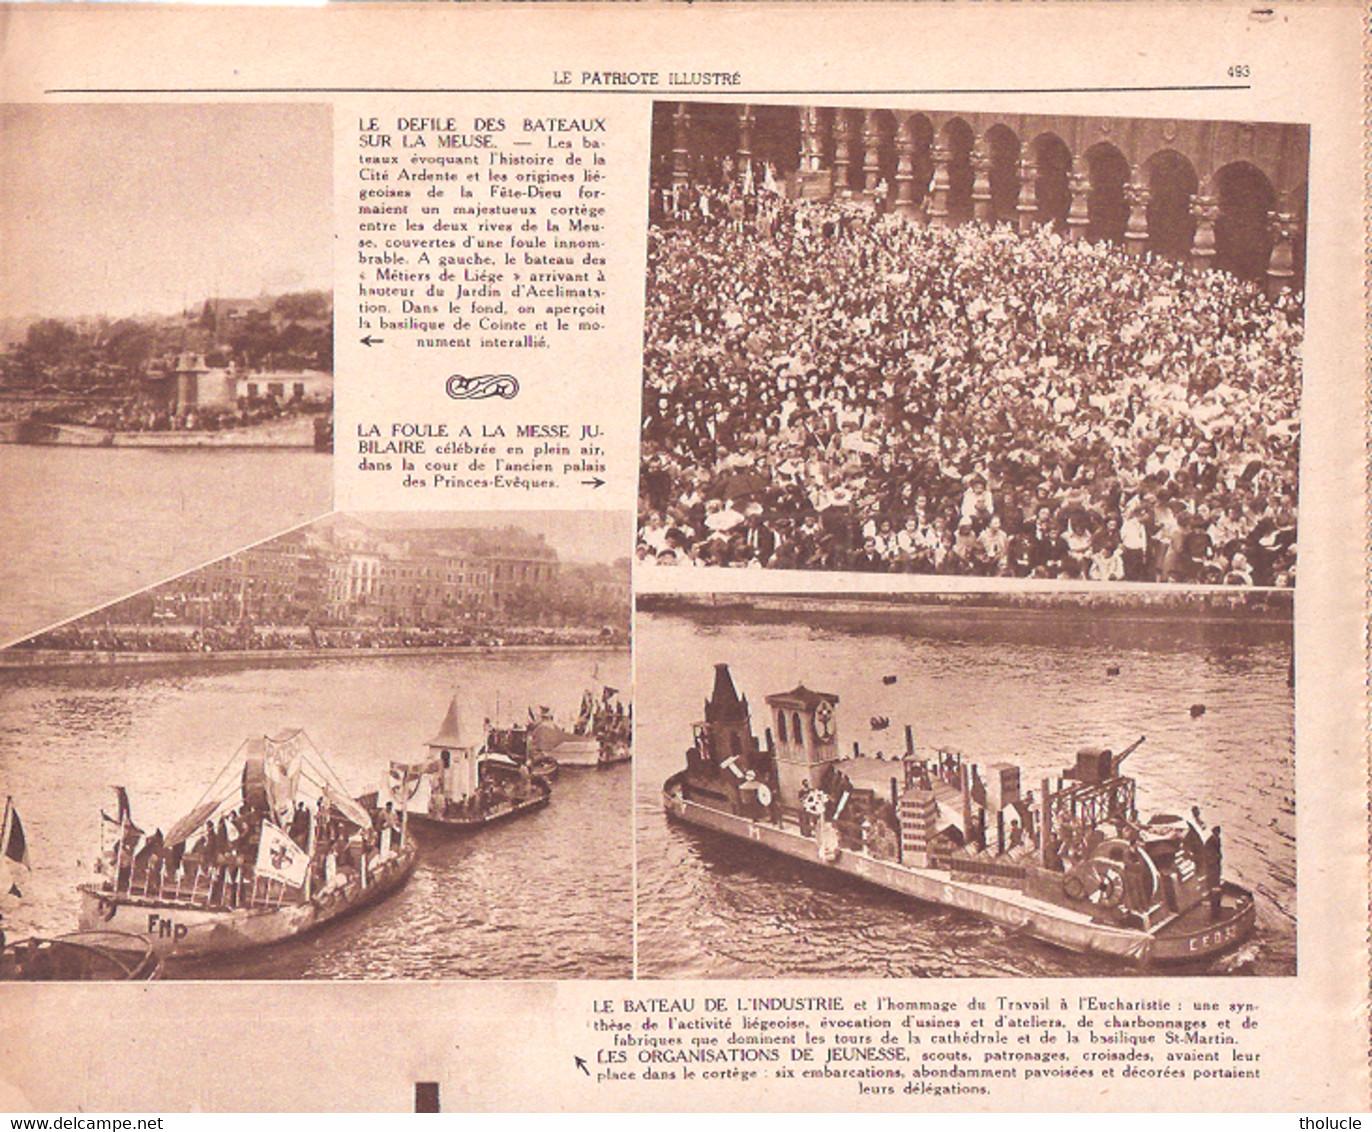 Liège-le VIIe Centenaire De La Fête-Dieu-Procession Nautique -Historique Sur La Meuse-Bateau(x)-Patriote Illustré-6/1946 - 1900 - 1949